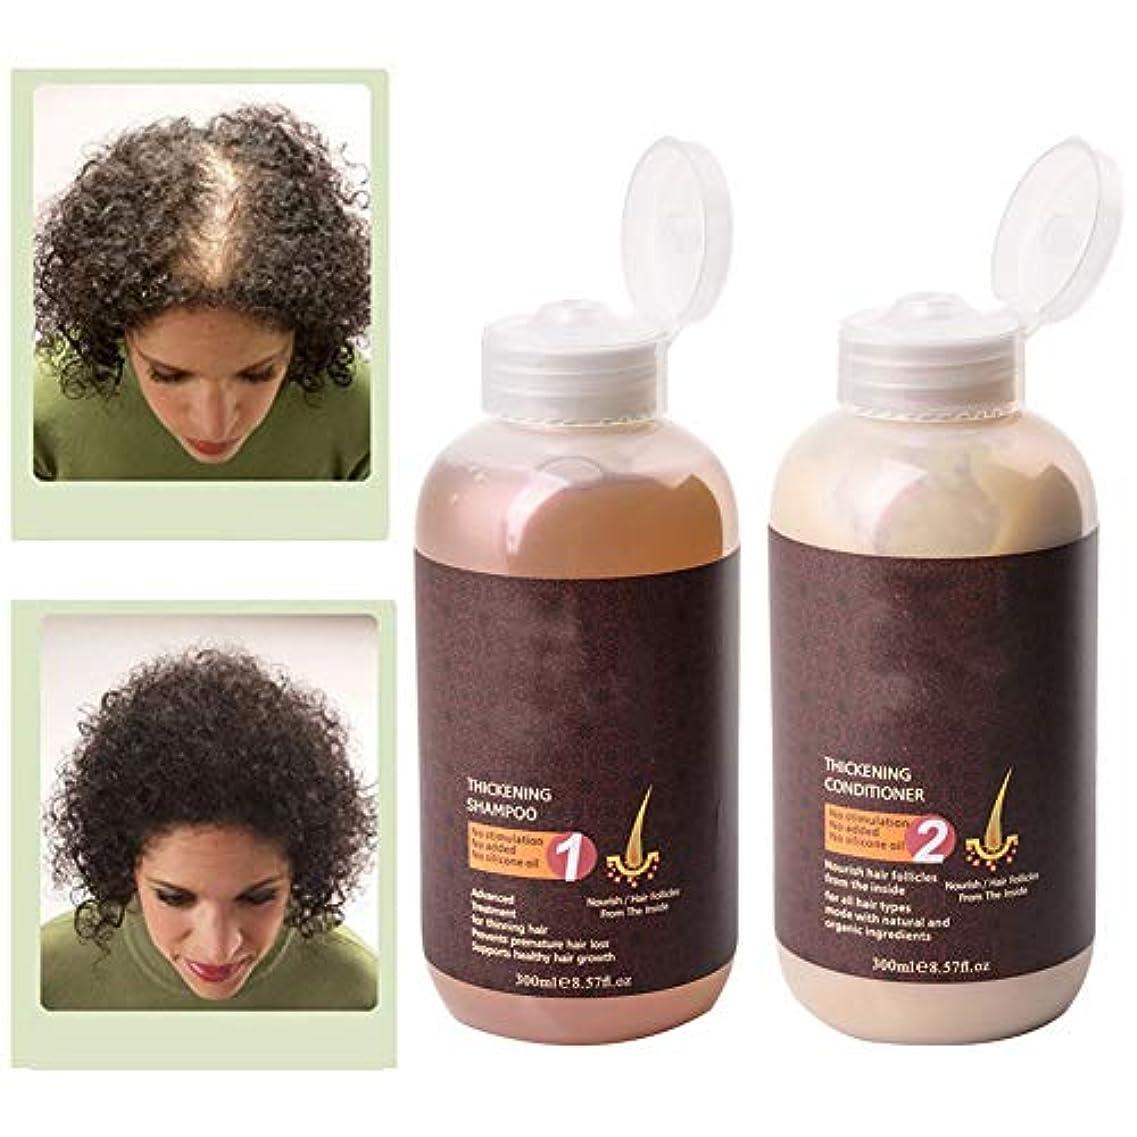 製作メイド不要シャンプーコンディショナーセット生姜成長髪300ミリリットル+ 300ミリリットル明確にするシャンプー栄養深い修復増加光沢、水分補給、輝き、かゆみ頭皮ヘアケアキットを減らす